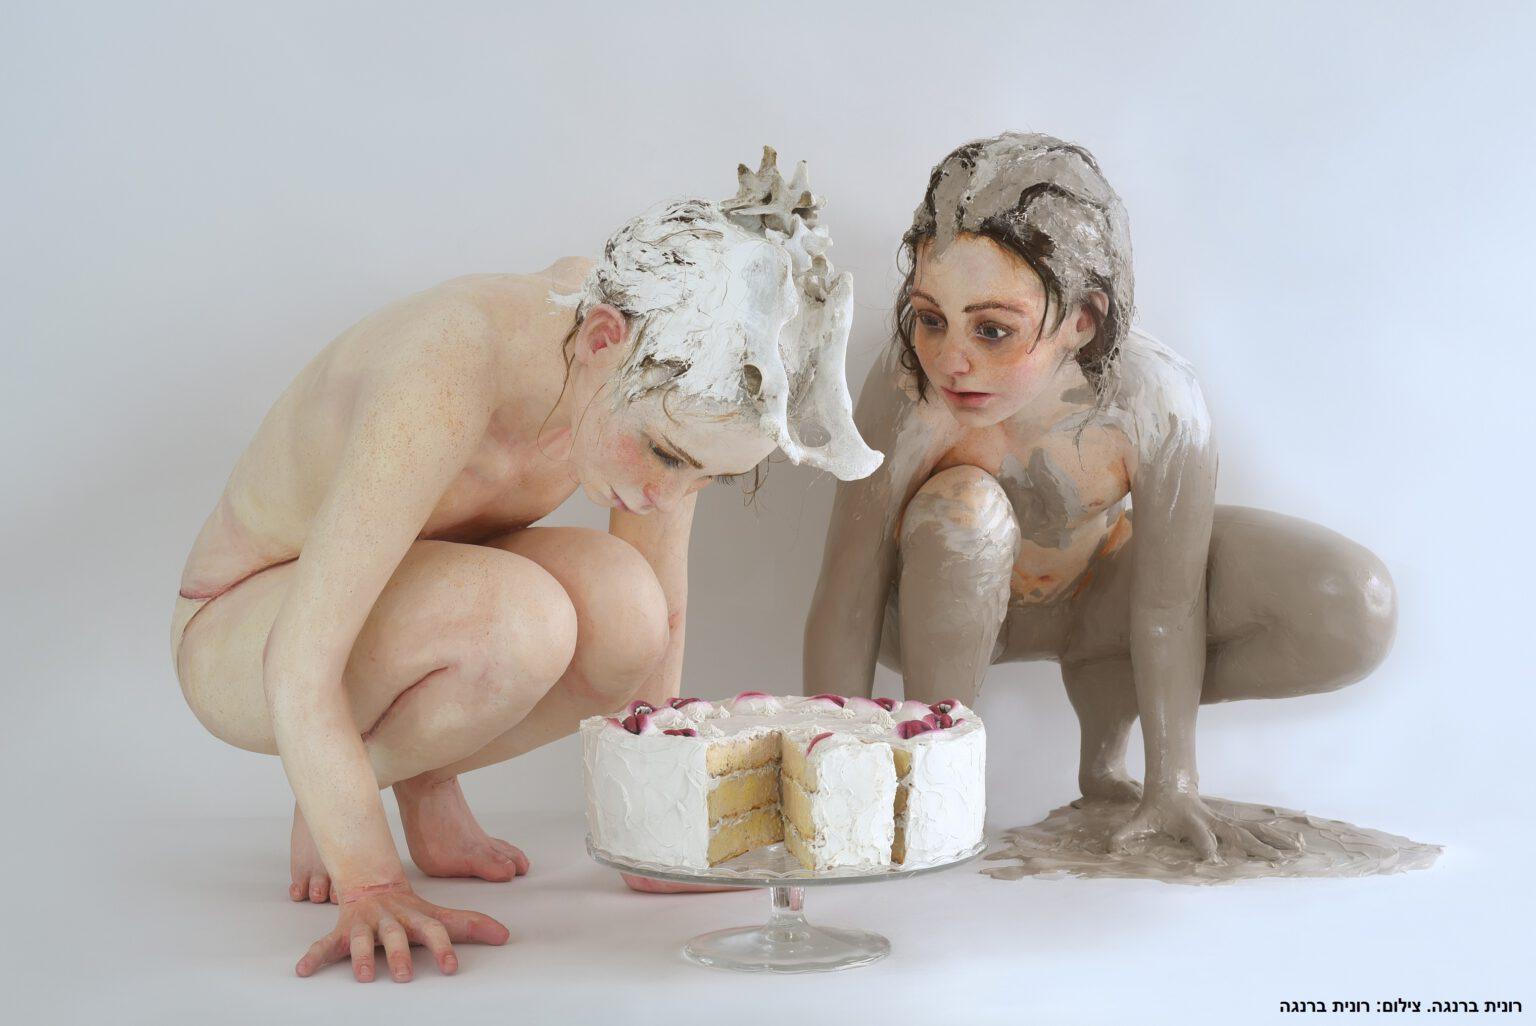 """העוגה רונית ברנגה צילום: הדר סייפן  הביאנלה לאומנויות ולעיצוב מוז""""א, מוזיאון ארץ-ישראל, תל-אביב"""